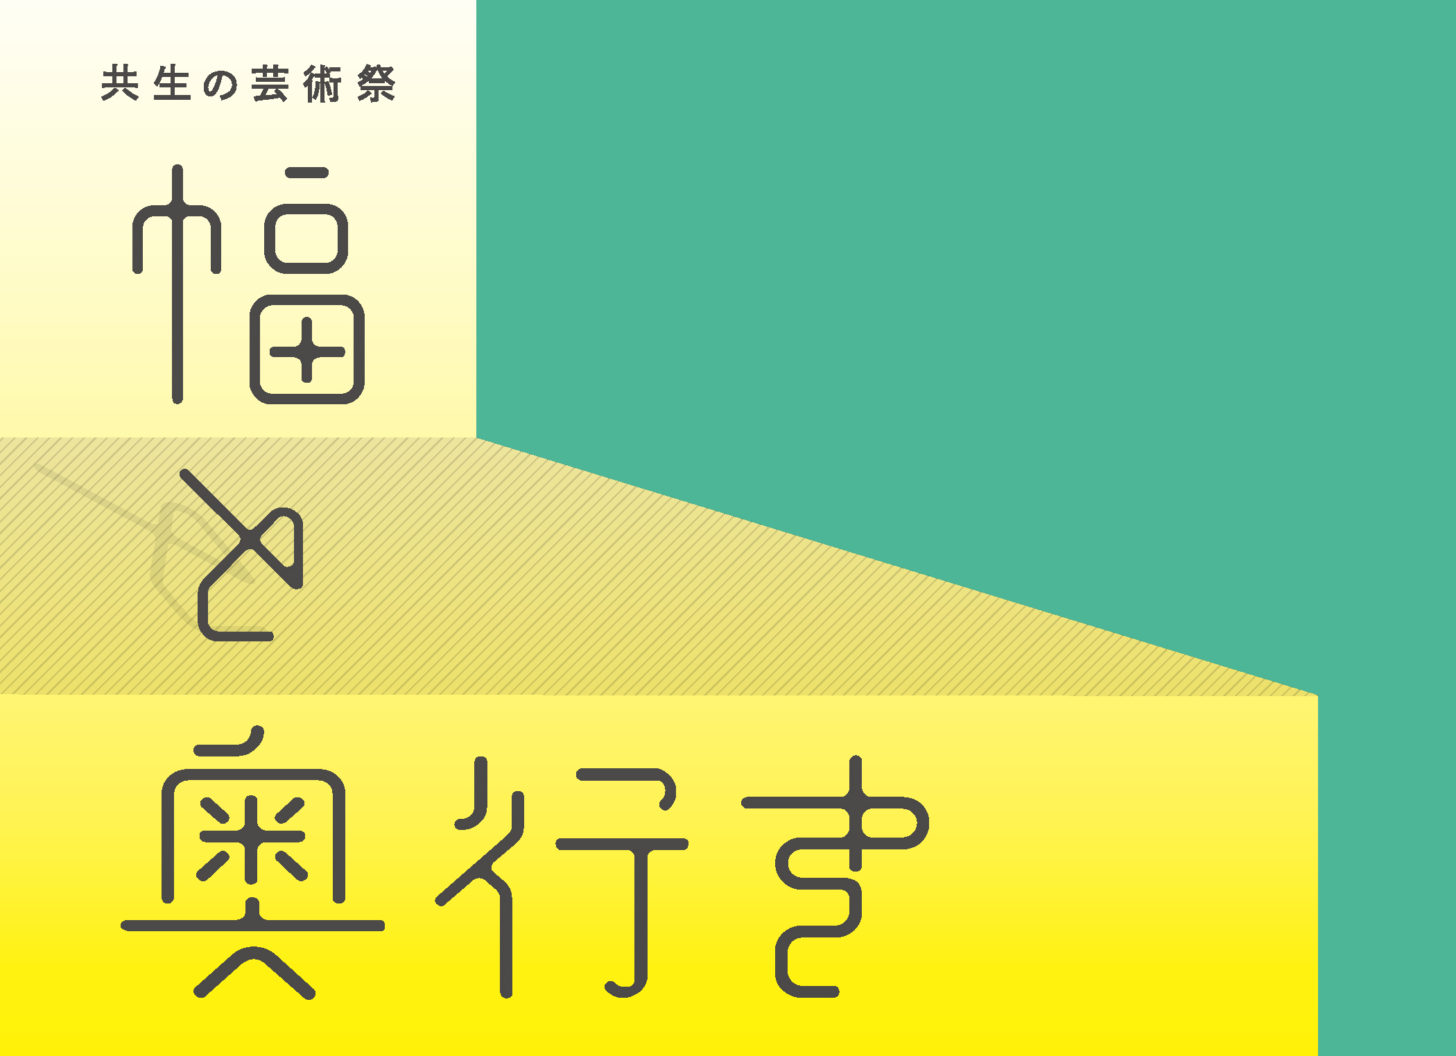 共生の芸術祭「幅と奥行き」 舞鶴会場